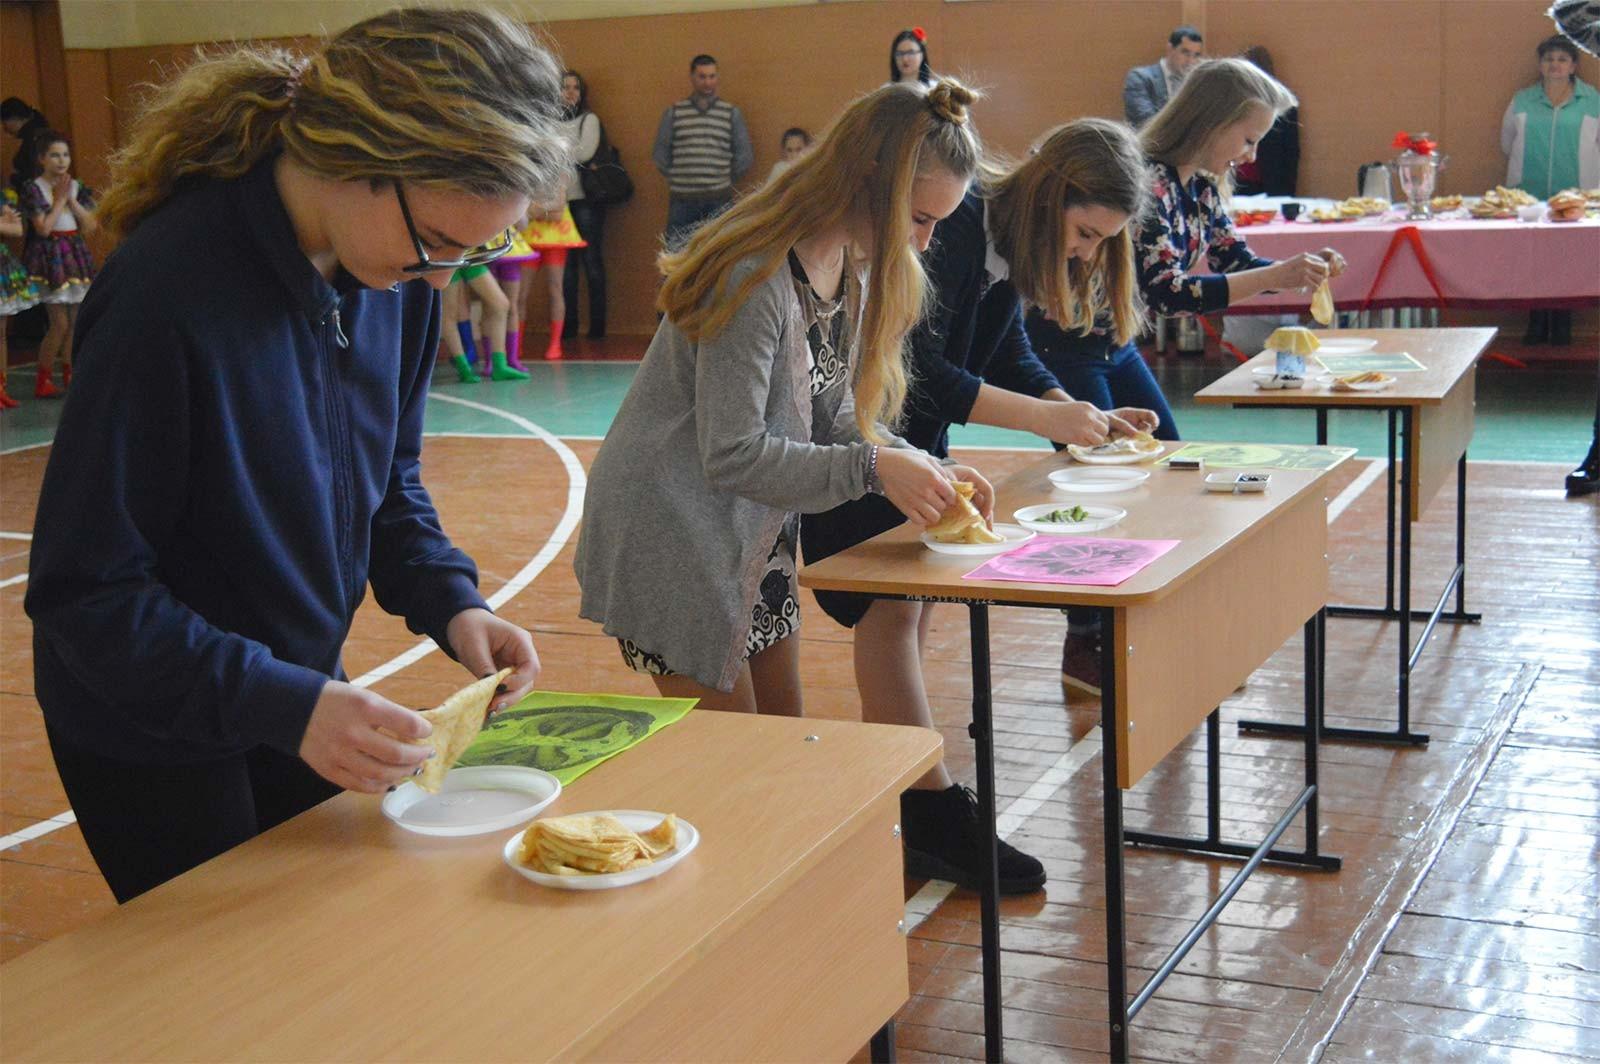 З нагоди Масляної студенти, викладачі та співробітники Дніпропетровського державного університету внутрішніх справ влаштували благодійний ярмарок.